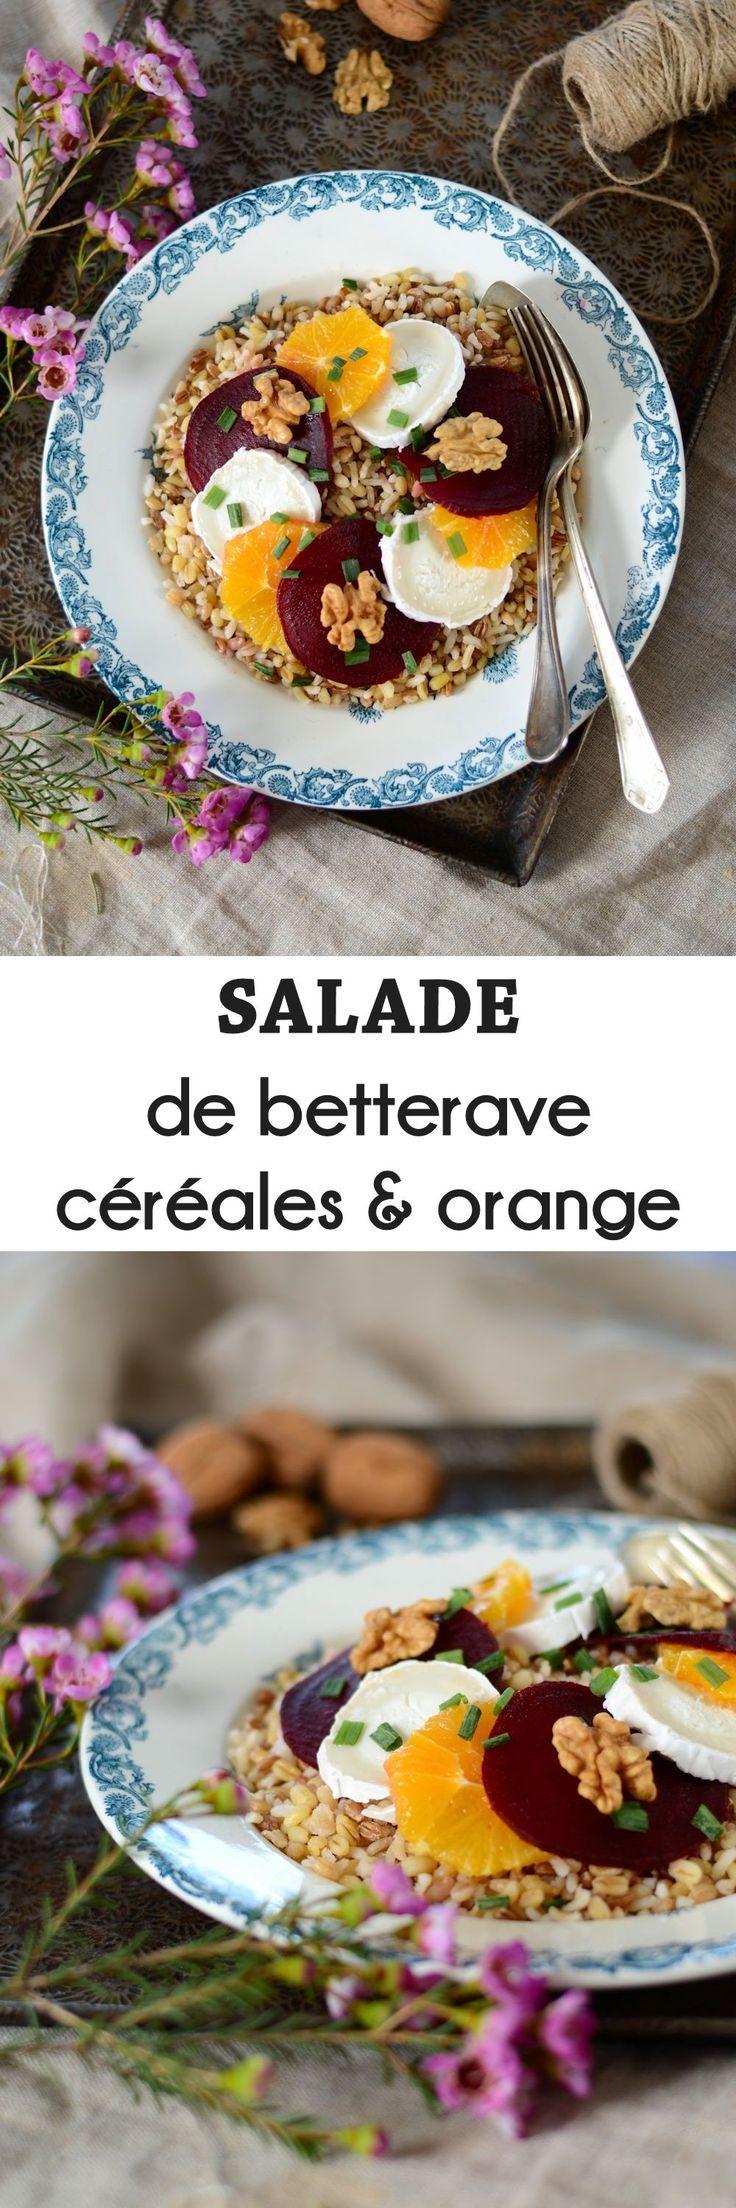 Salade de betterave rouge, céréales et orange